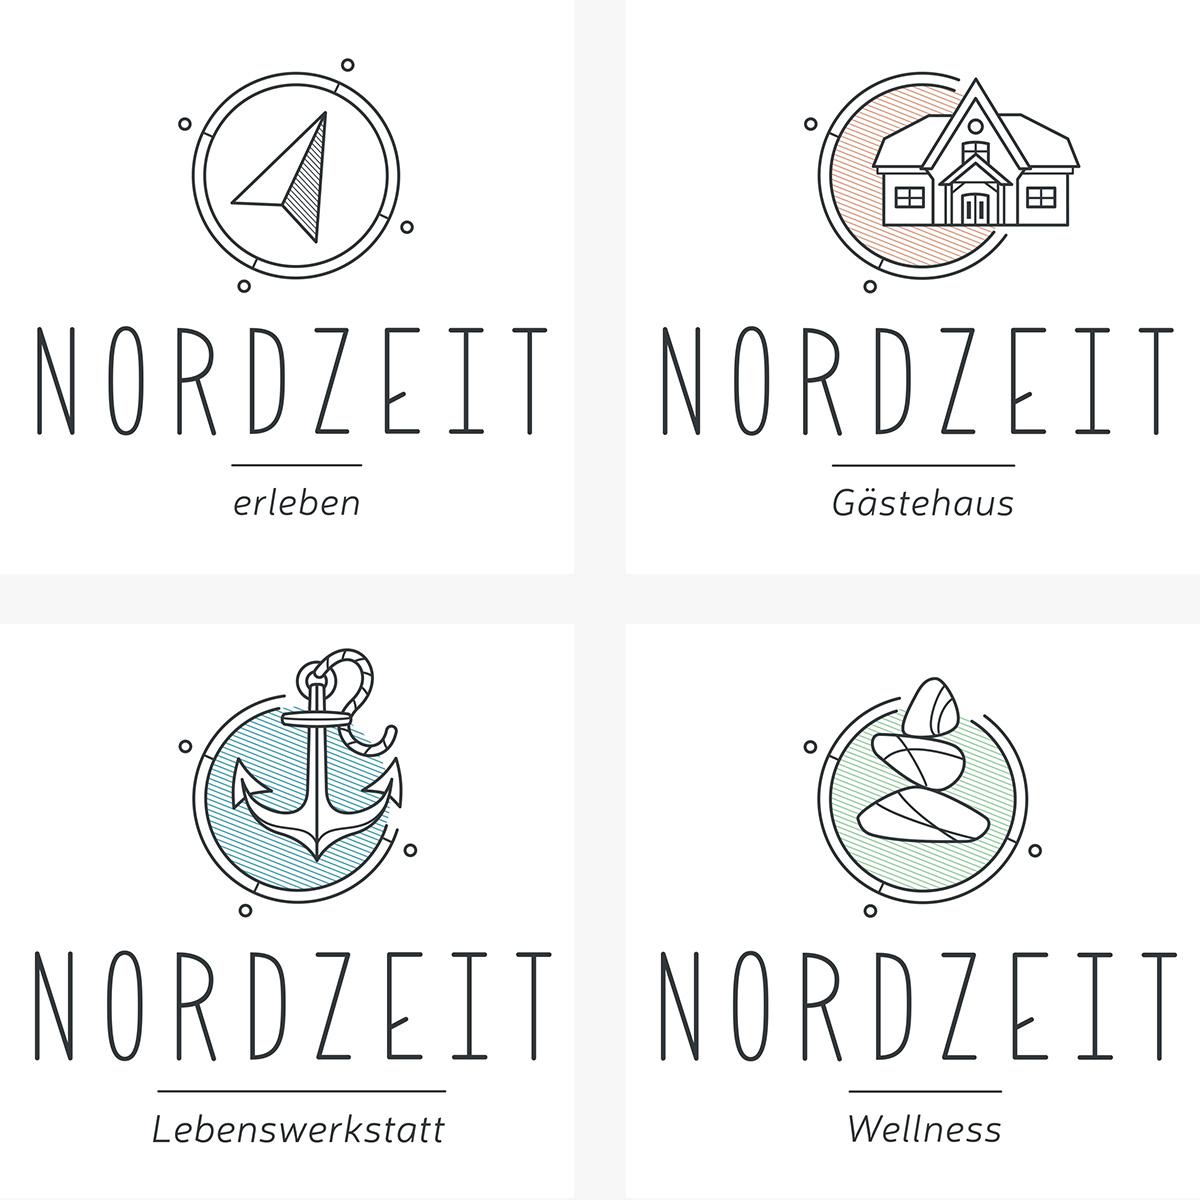 nordzeit-erleben-logos